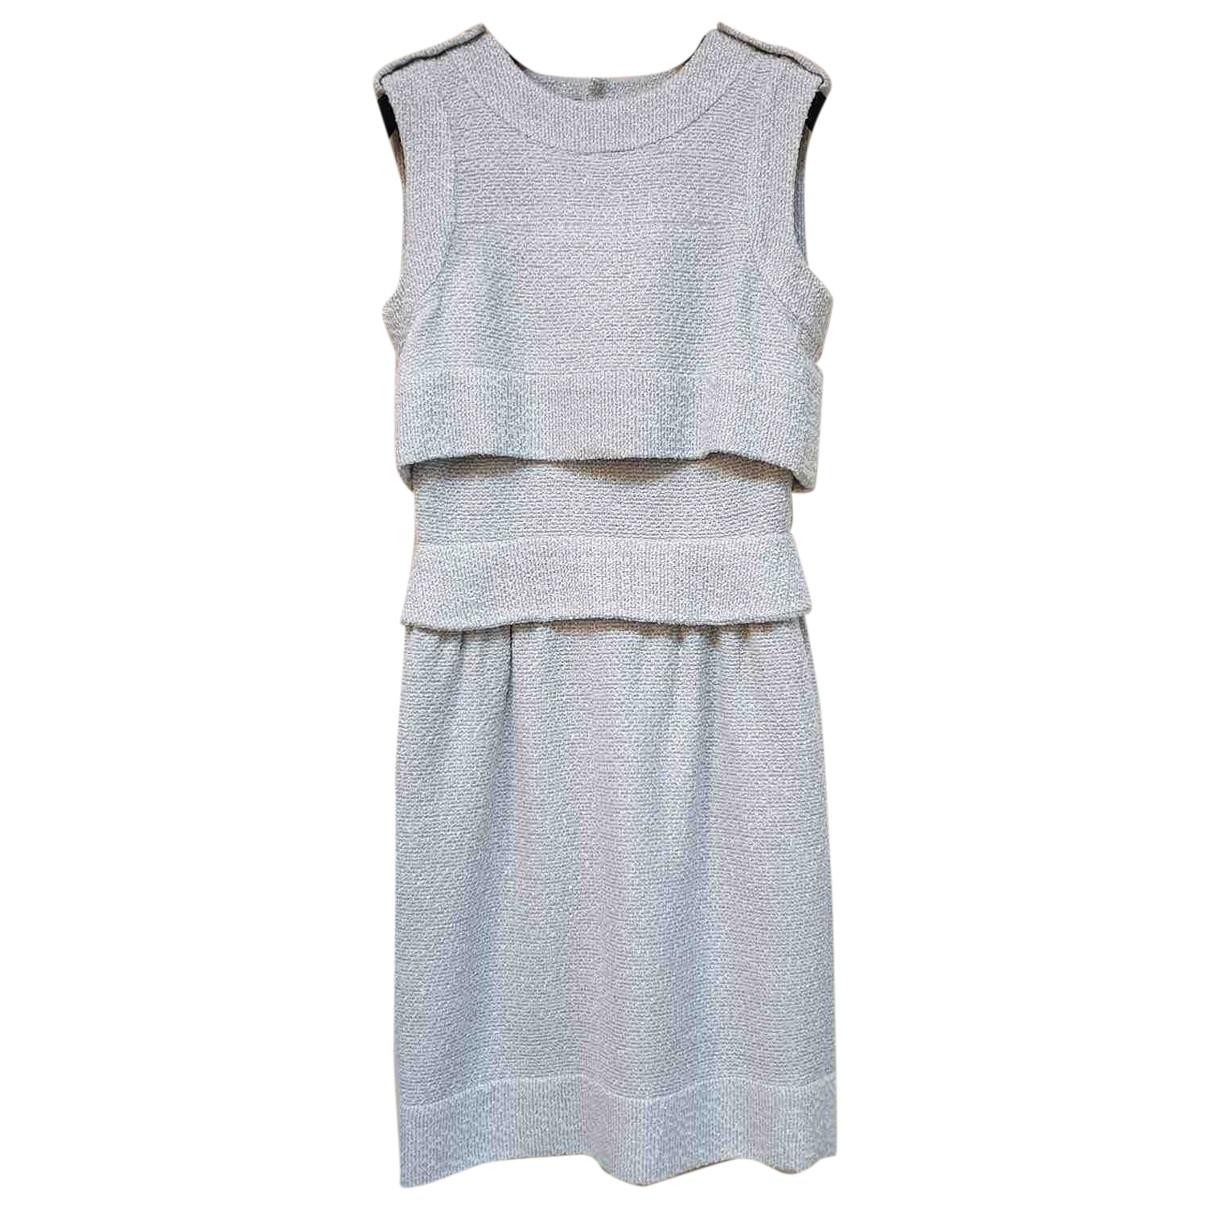 Chanel - Robe   pour femme - gris